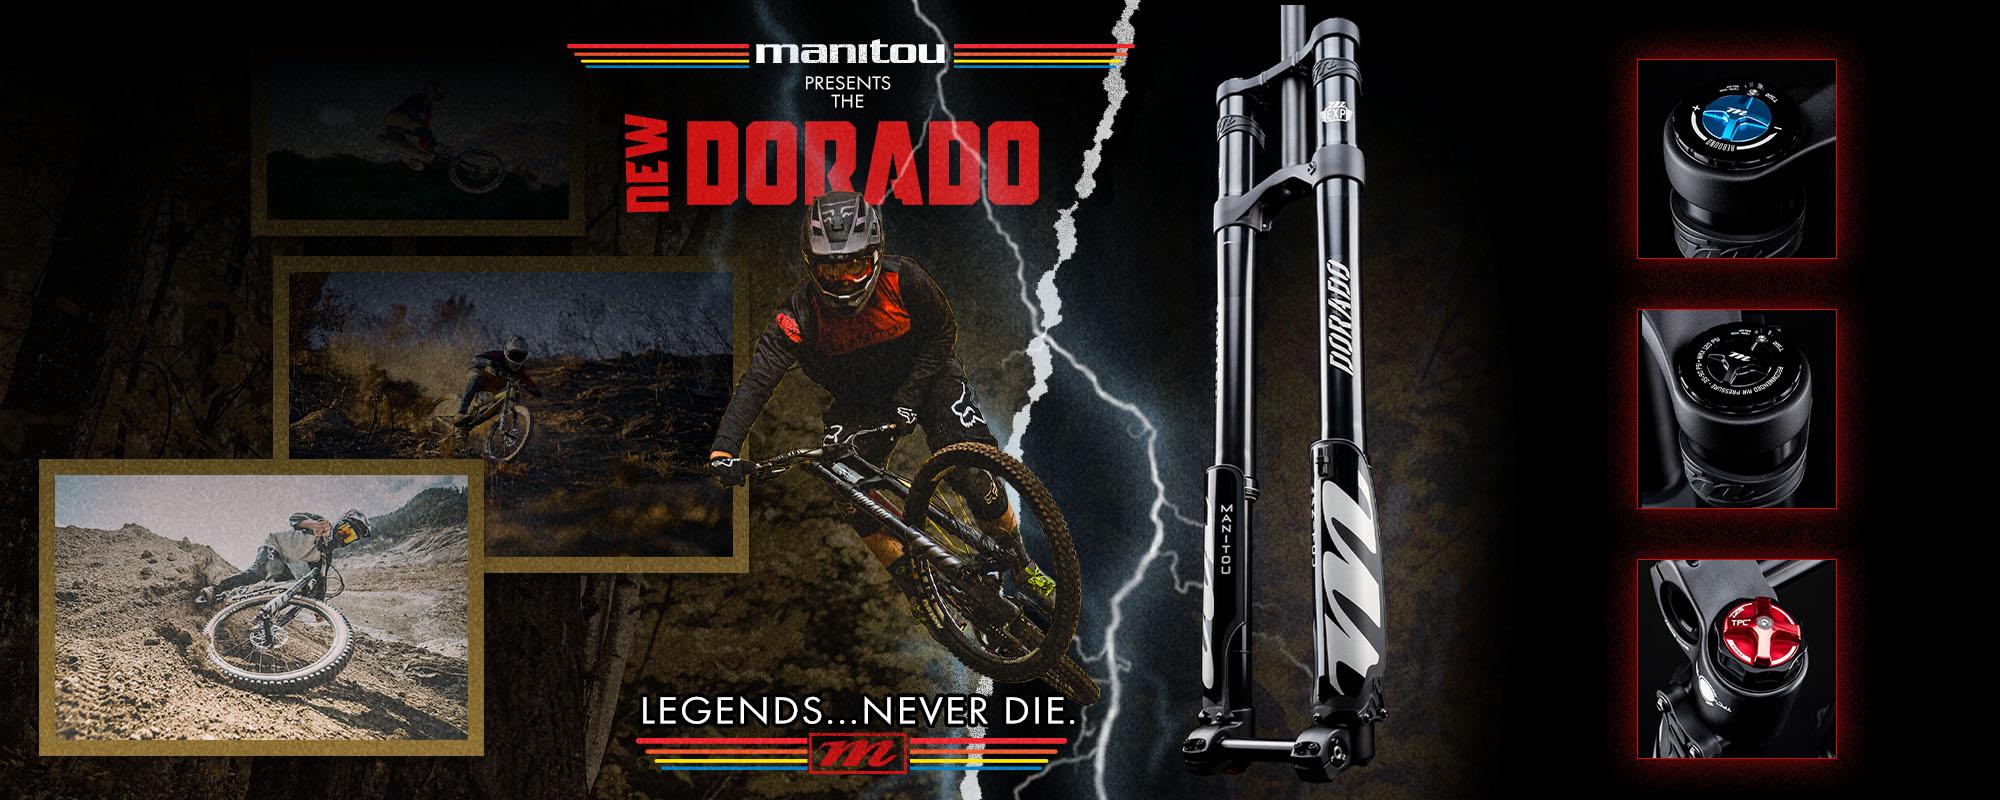 Manitou Dorado 2022